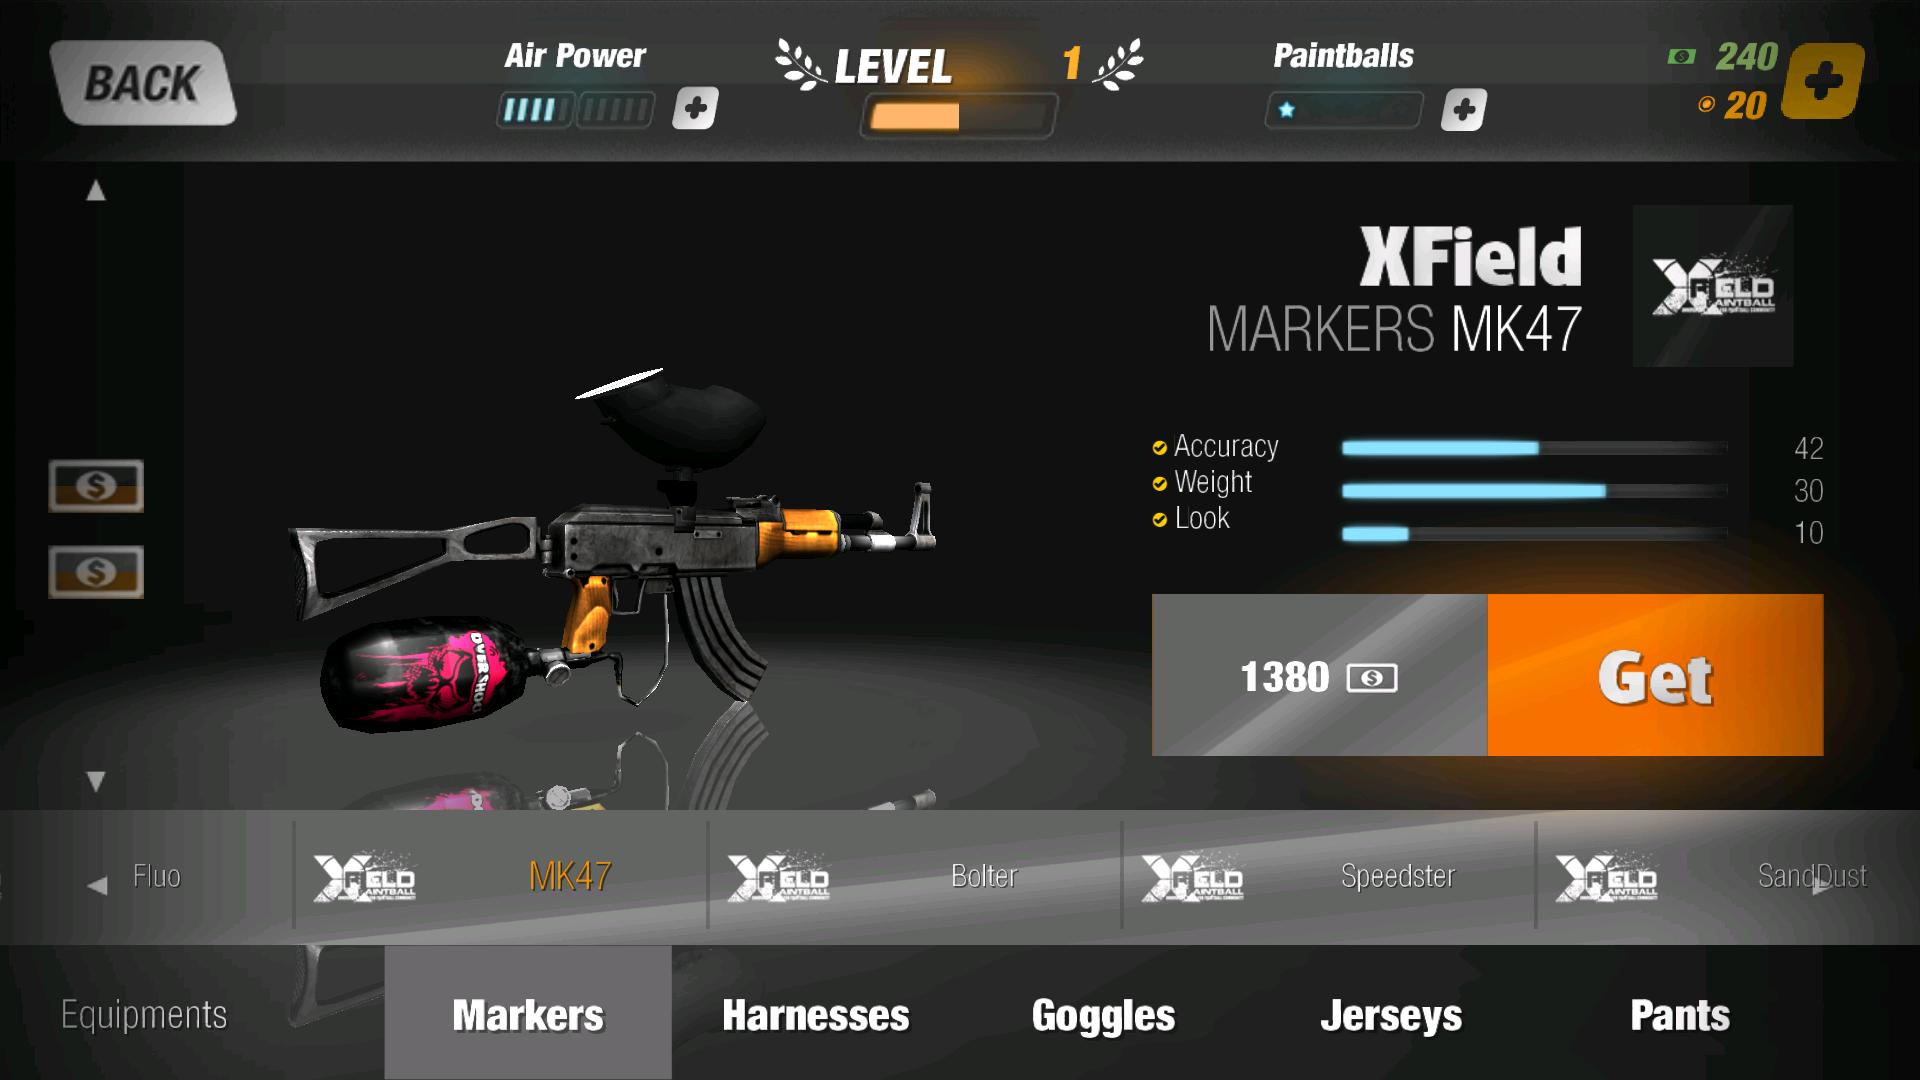 XFP2 - XField Paintball 2 – ¡Juego de disparos multijugador gratuito! El primer juego 3D de deporte de paintball y airsoft para móvil y tablet.